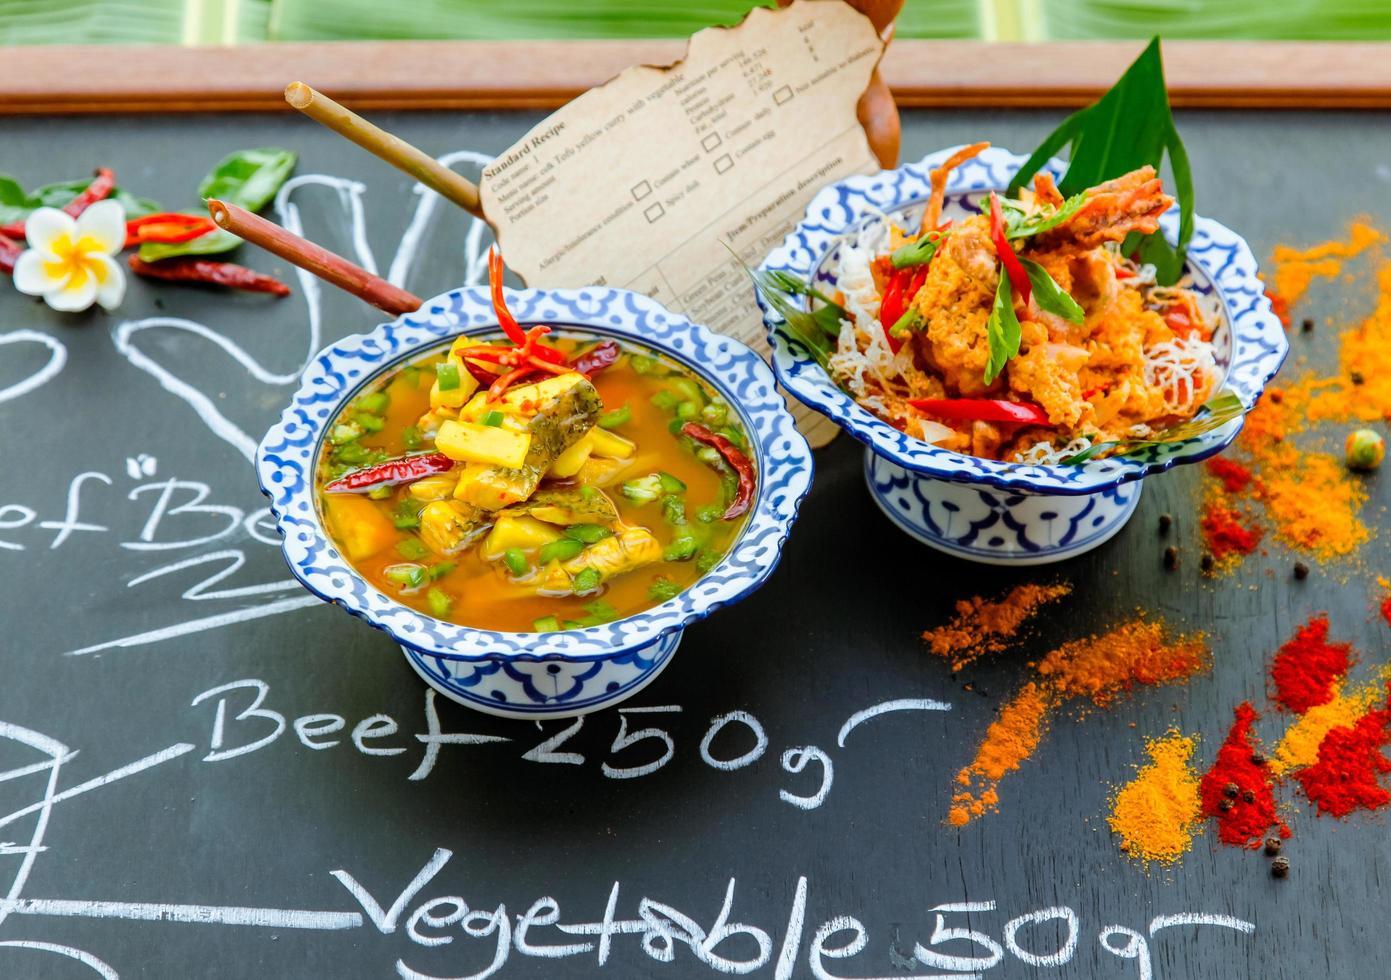 thailändische Küche an einer Tafel foto